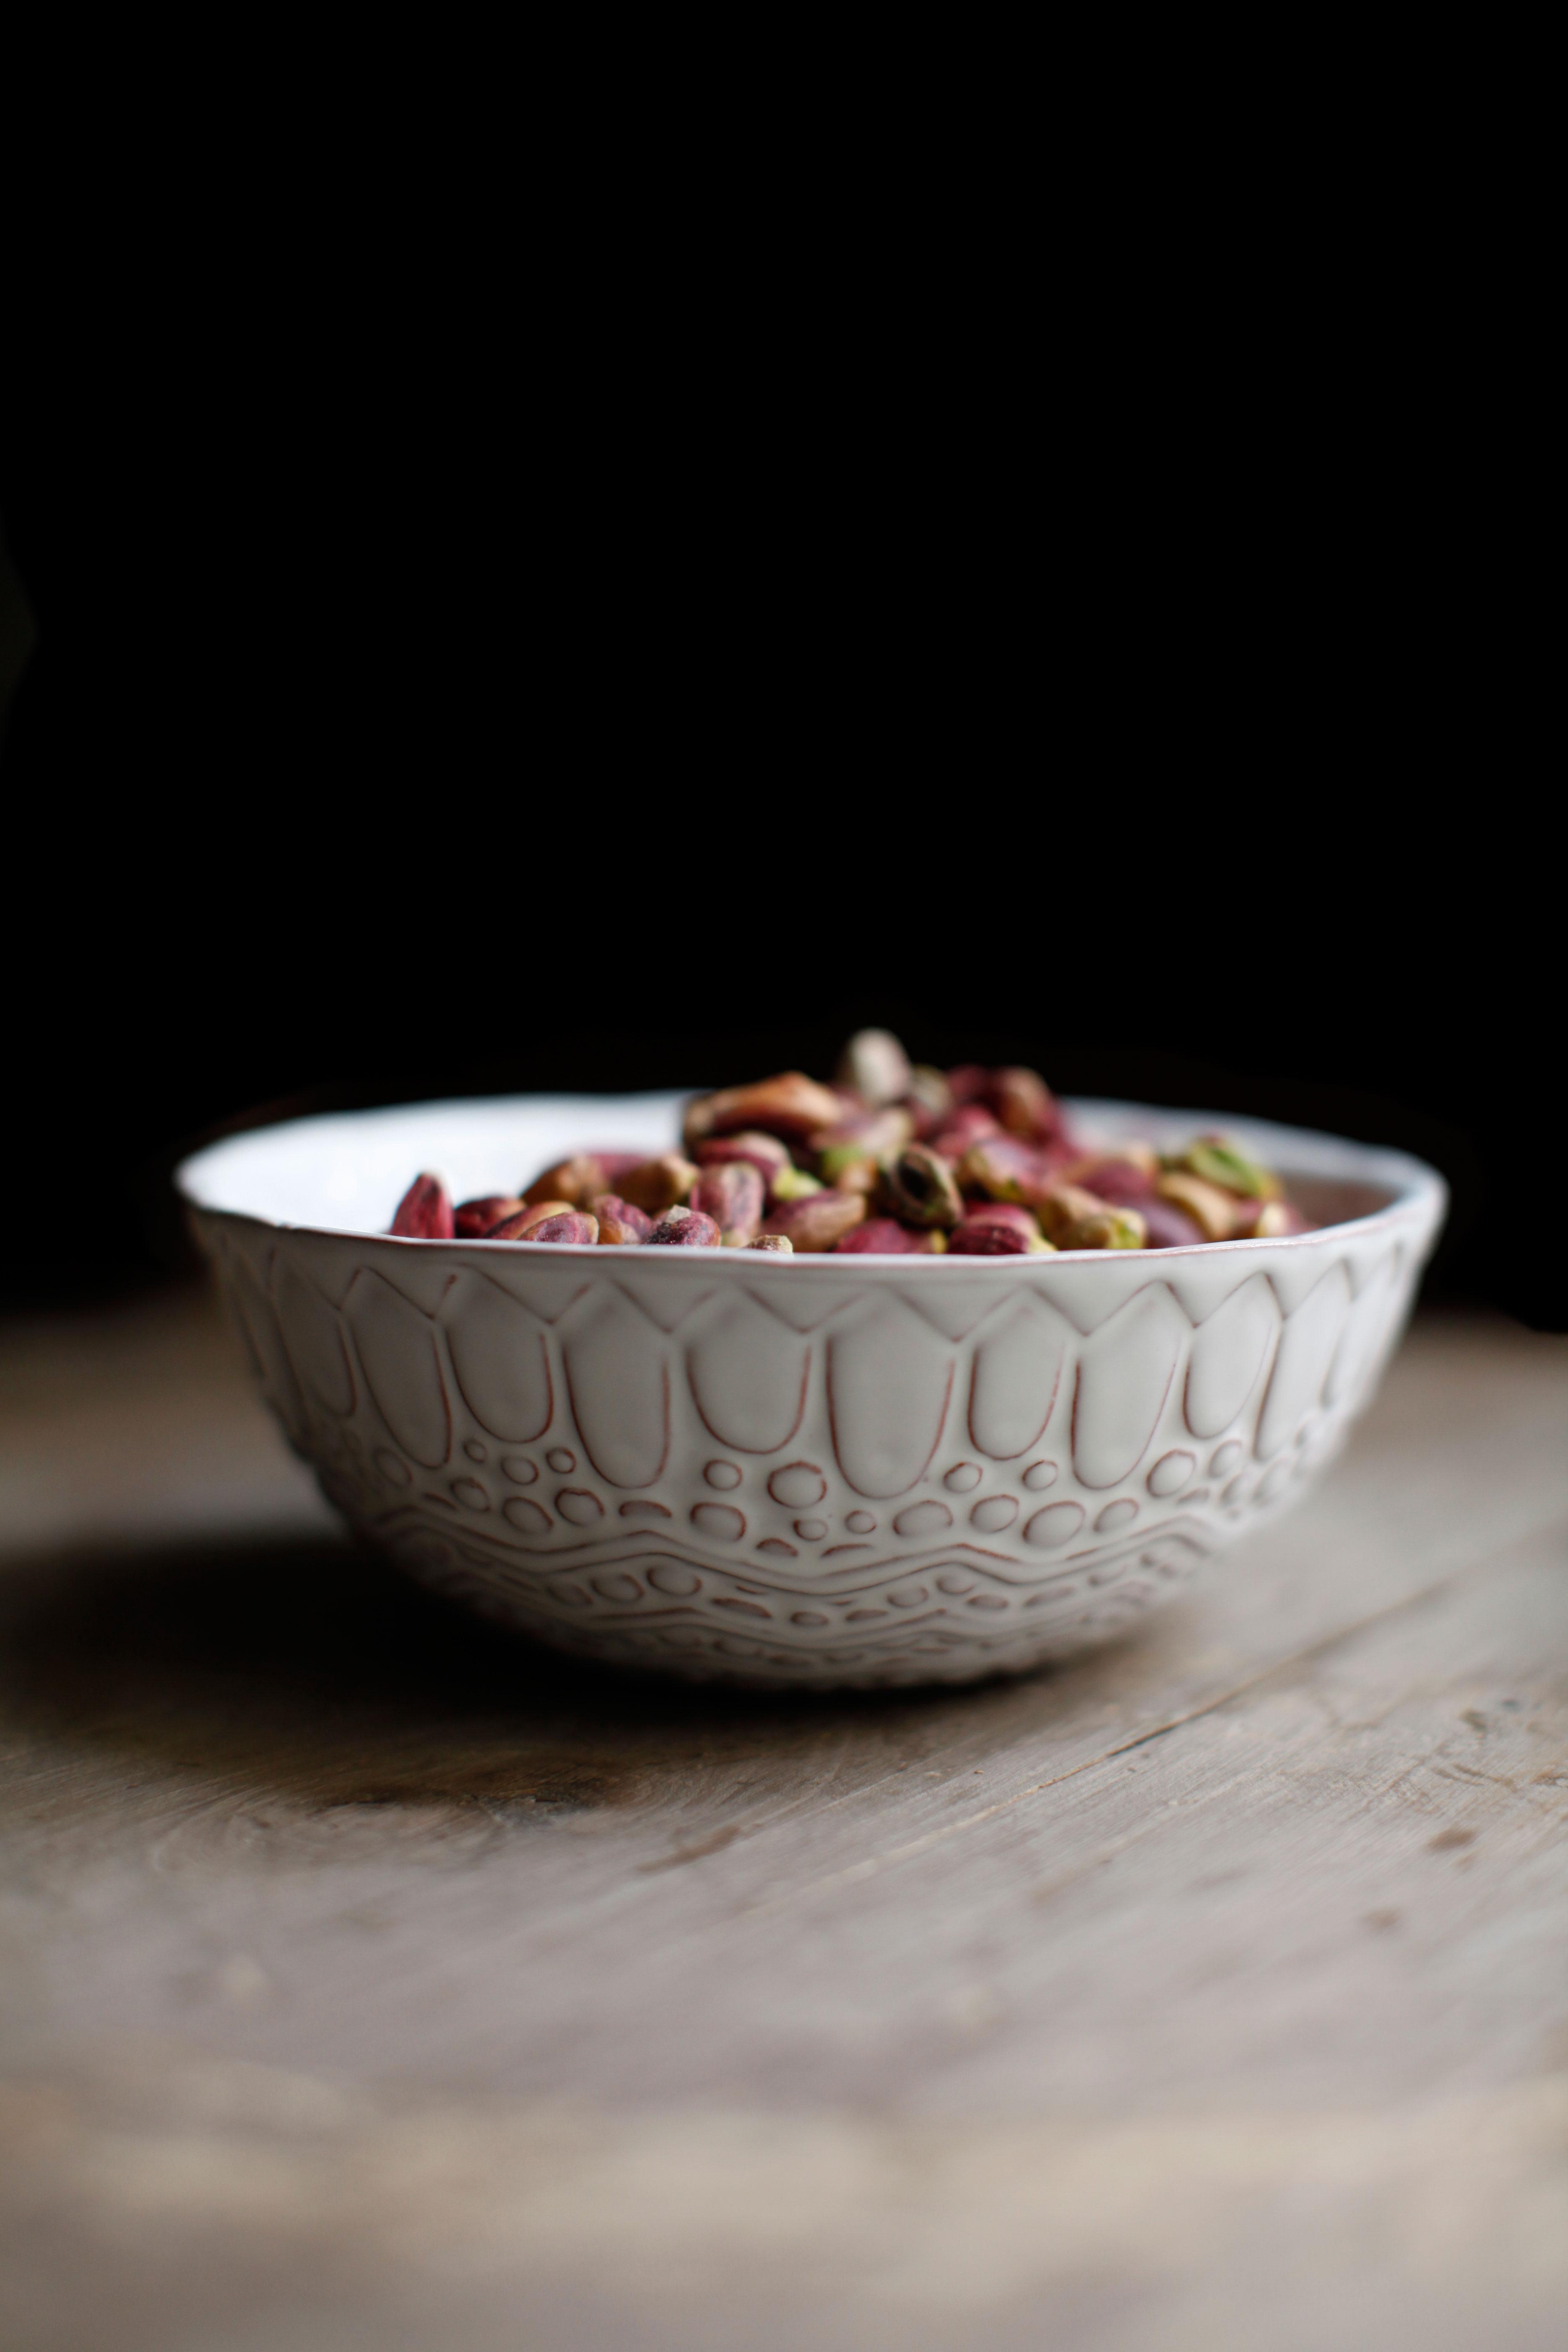 pici-e-castagne-pistacchi-2